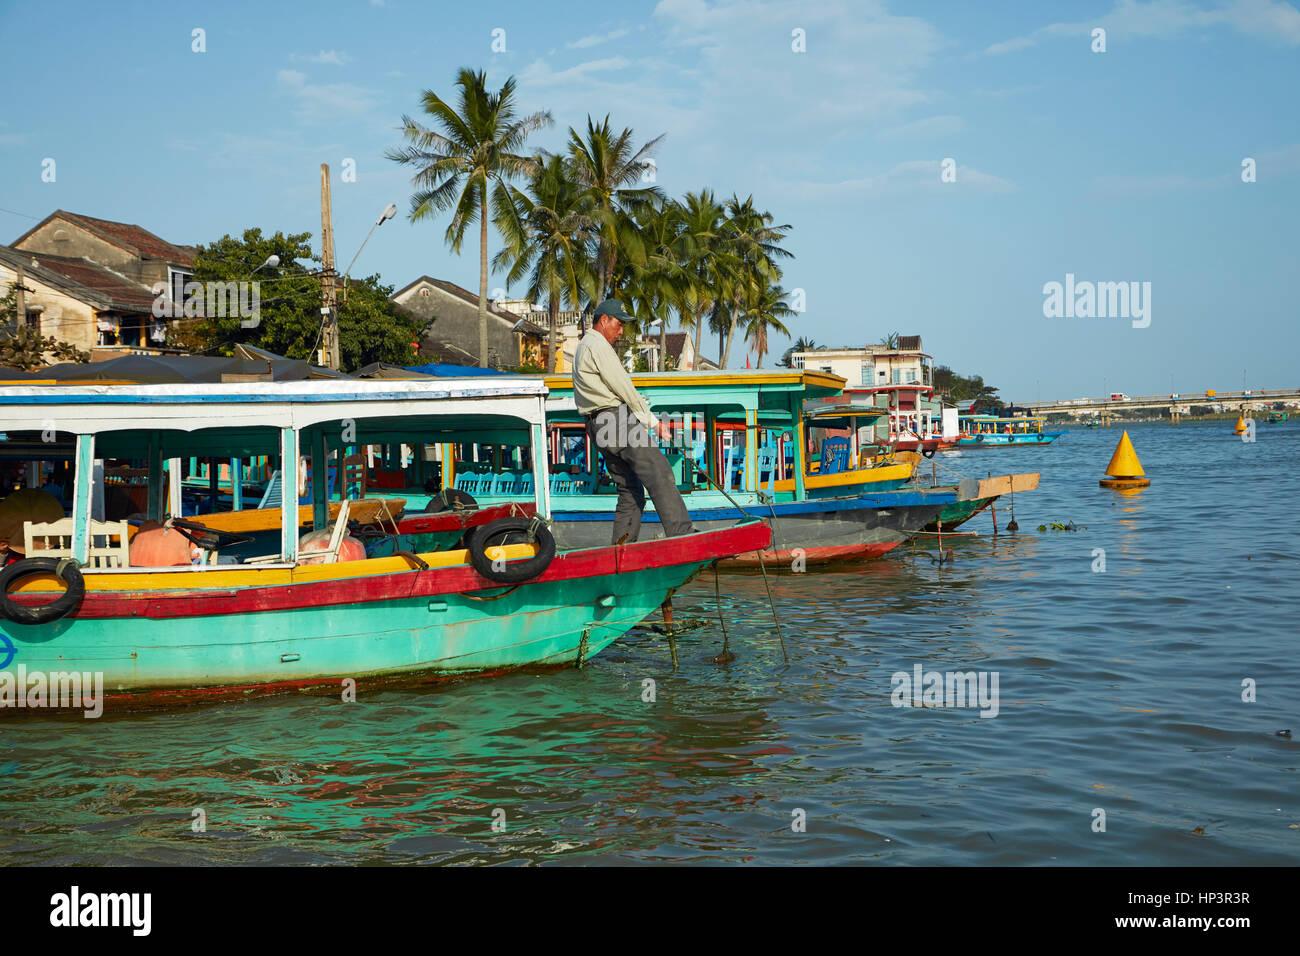 Bateaux de touristes sur la rivière Thu Bon, Hoi An (Site du patrimoine mondial de l'UNESCO), Vietnam Photo Stock